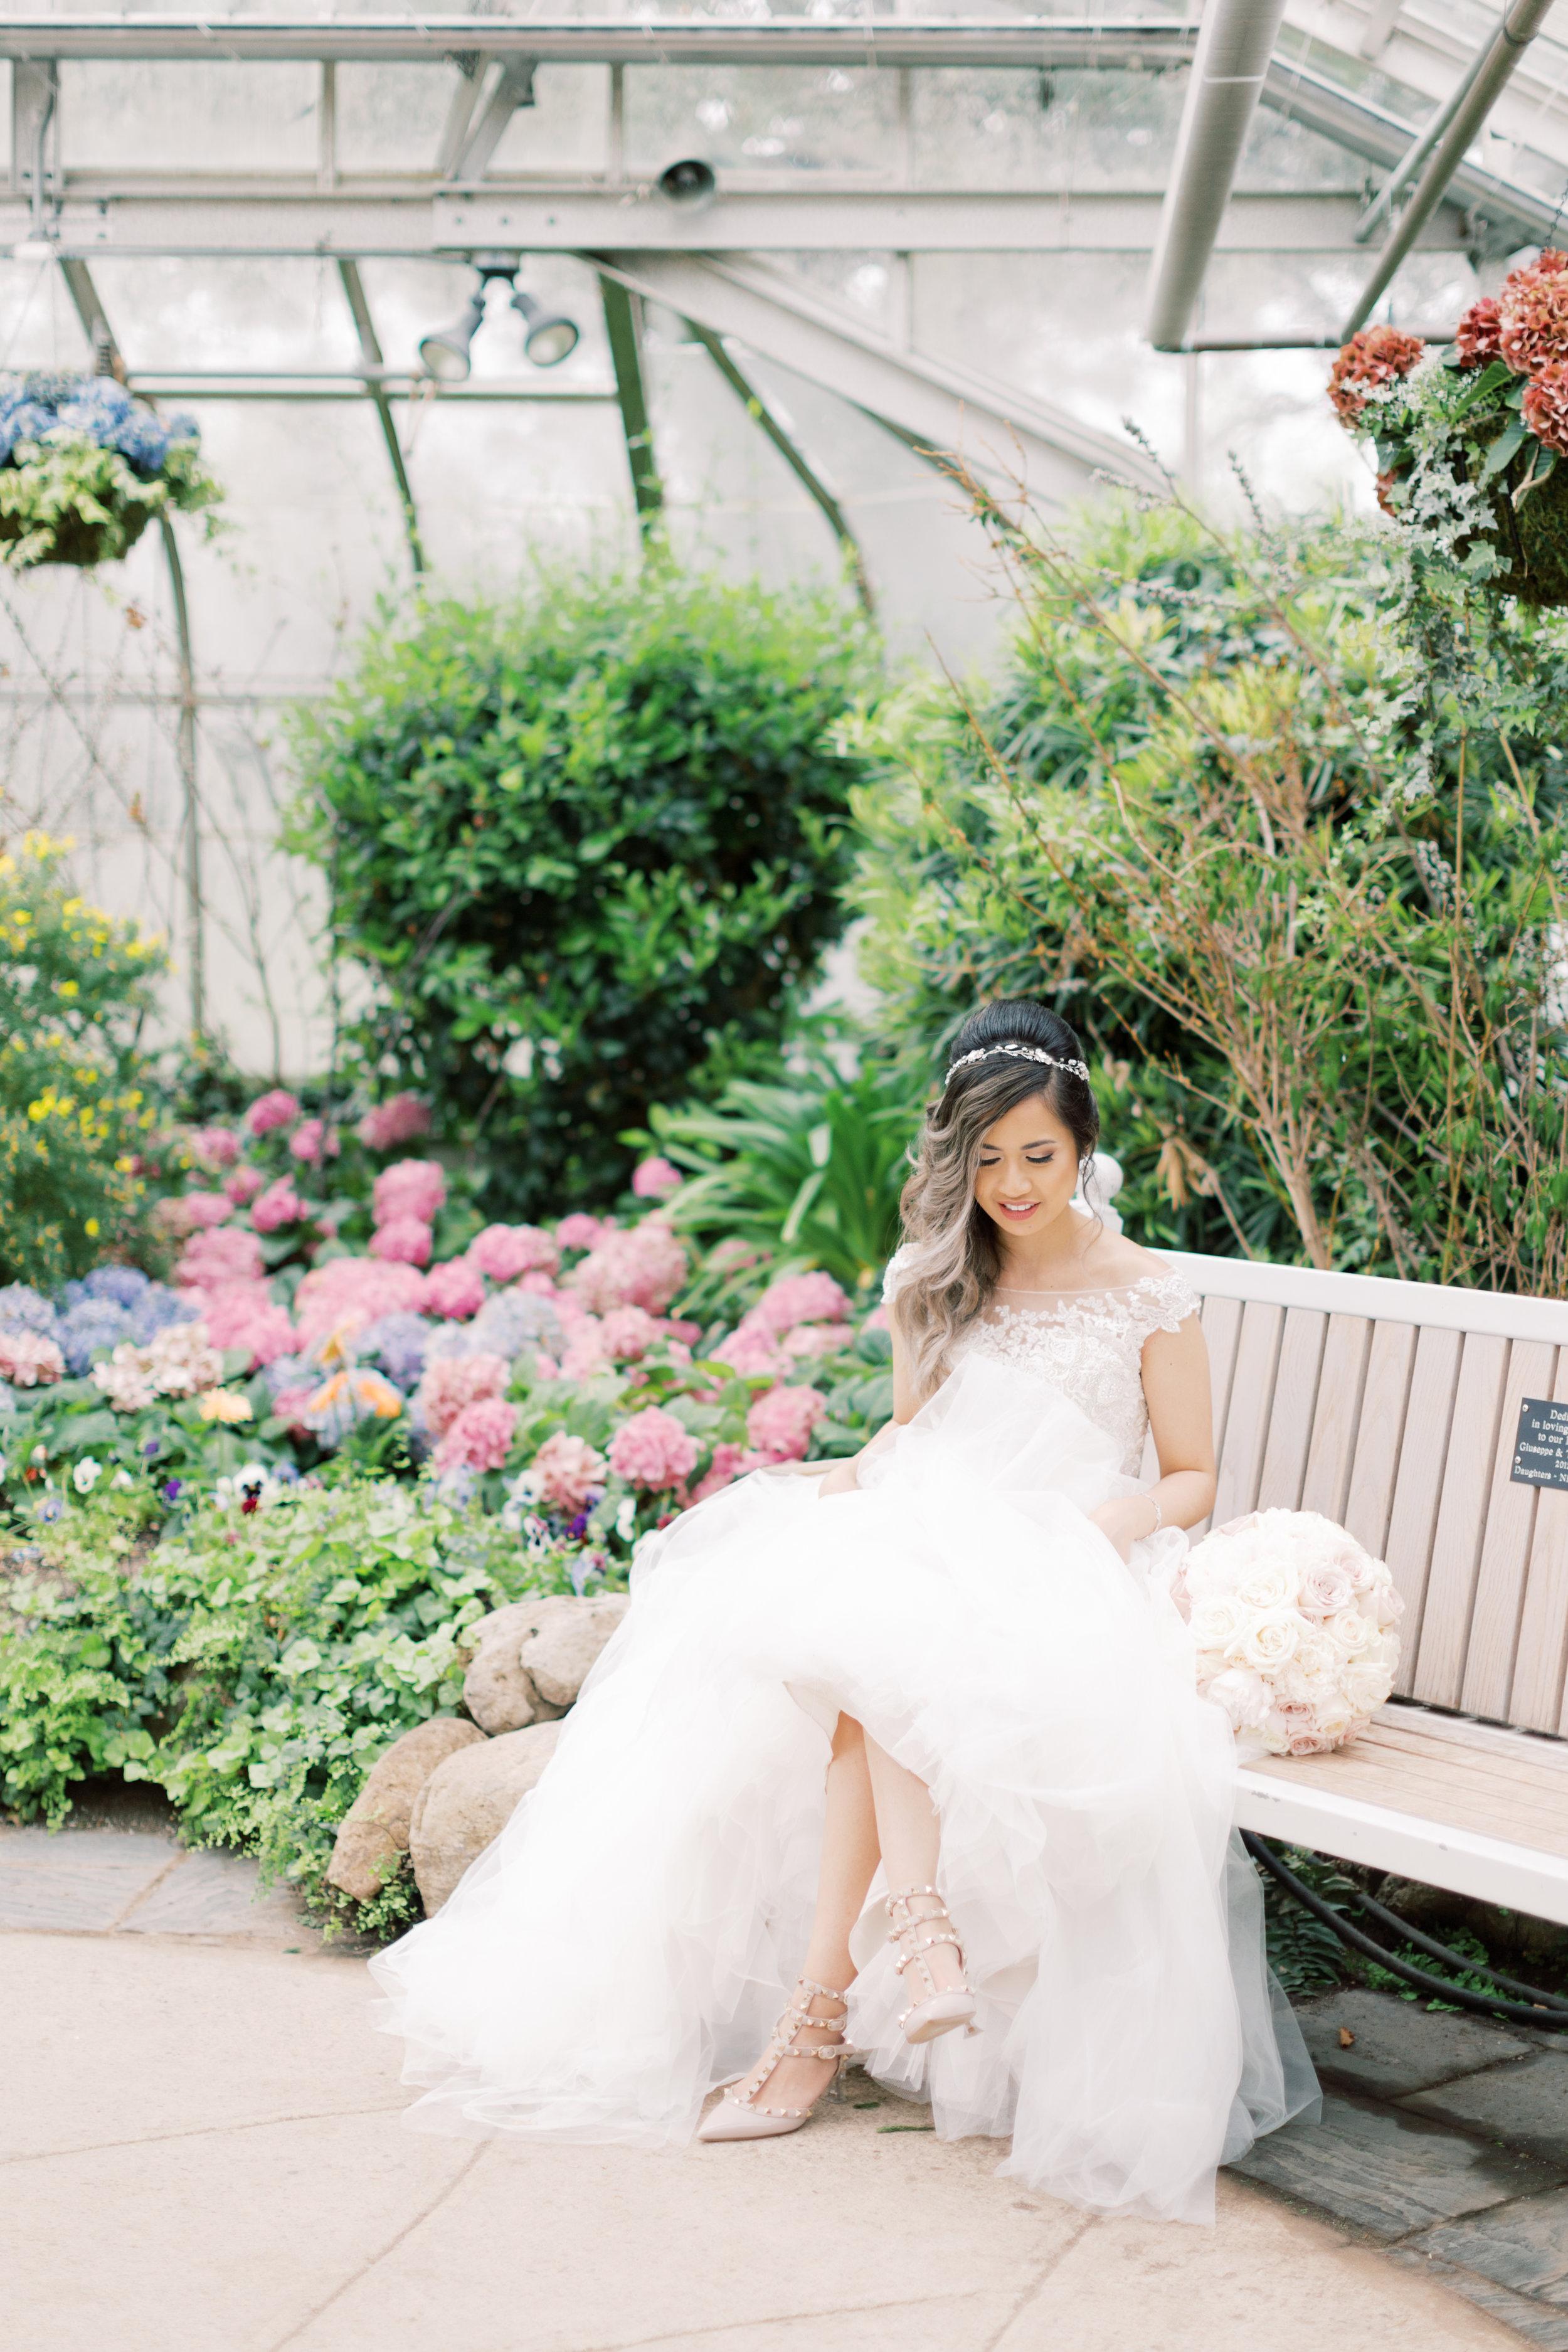 Millenium Gardens Centennial Conservatory Park Wedding-3453.jpg